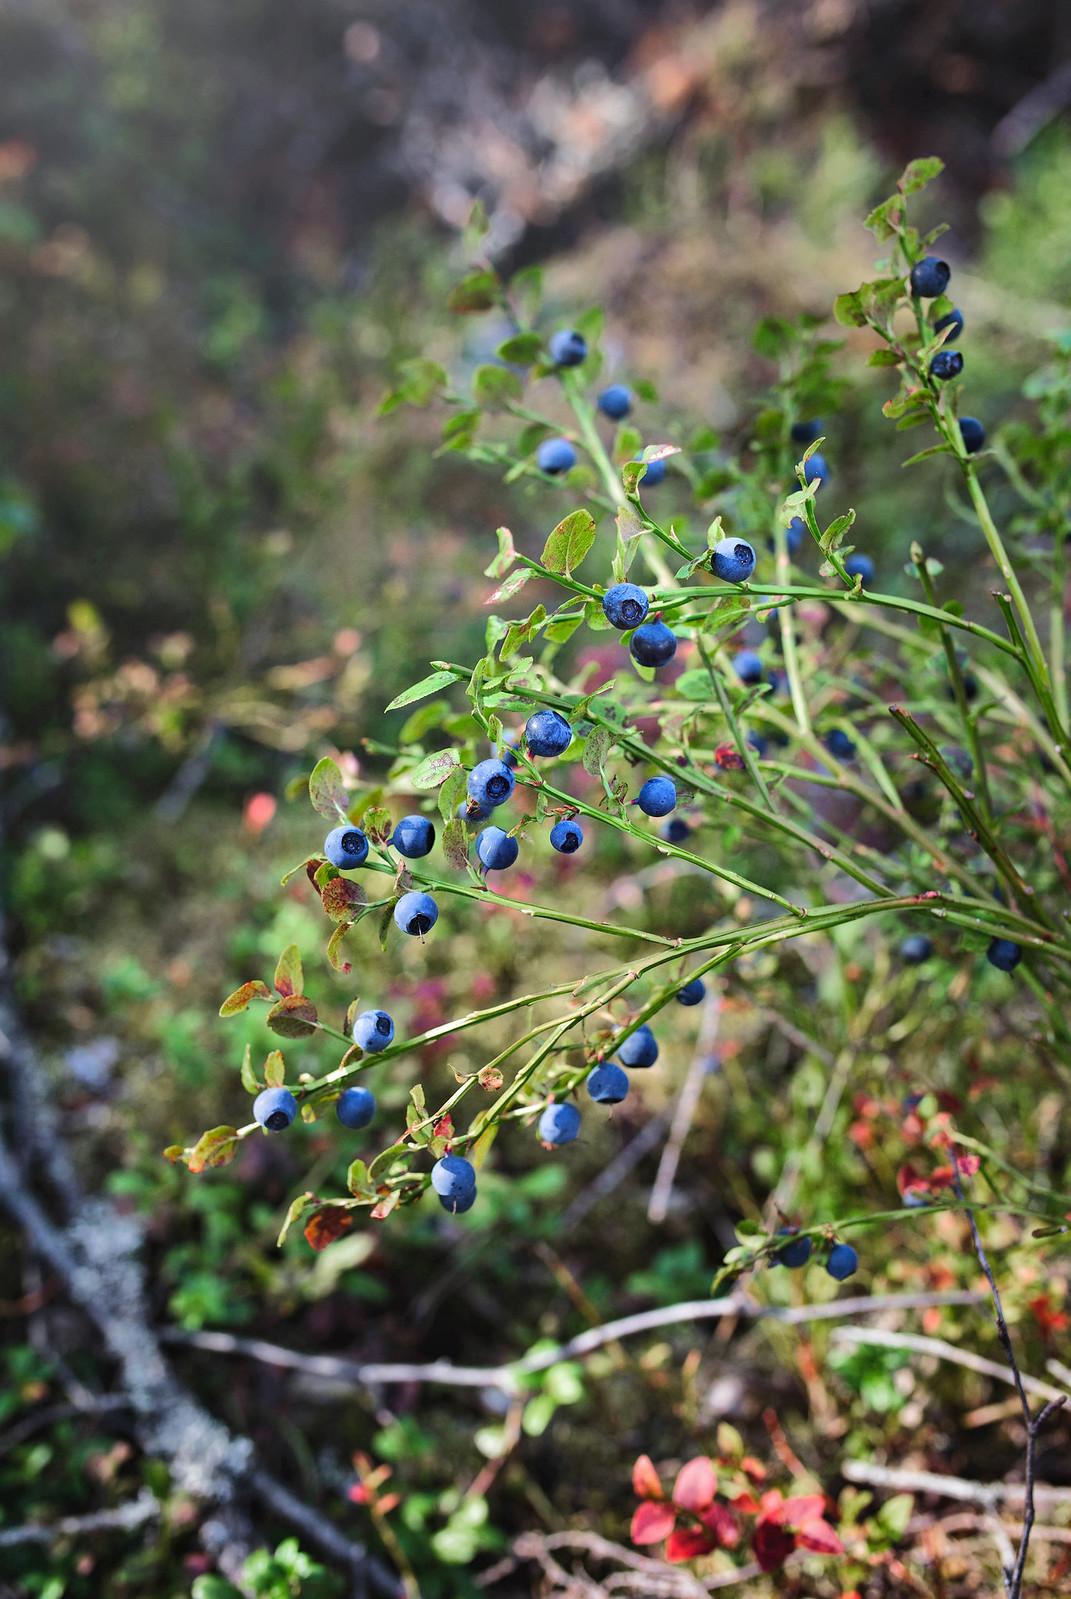 Blåbärsris fullt av stora blåbär - Evelinas Ekologiska